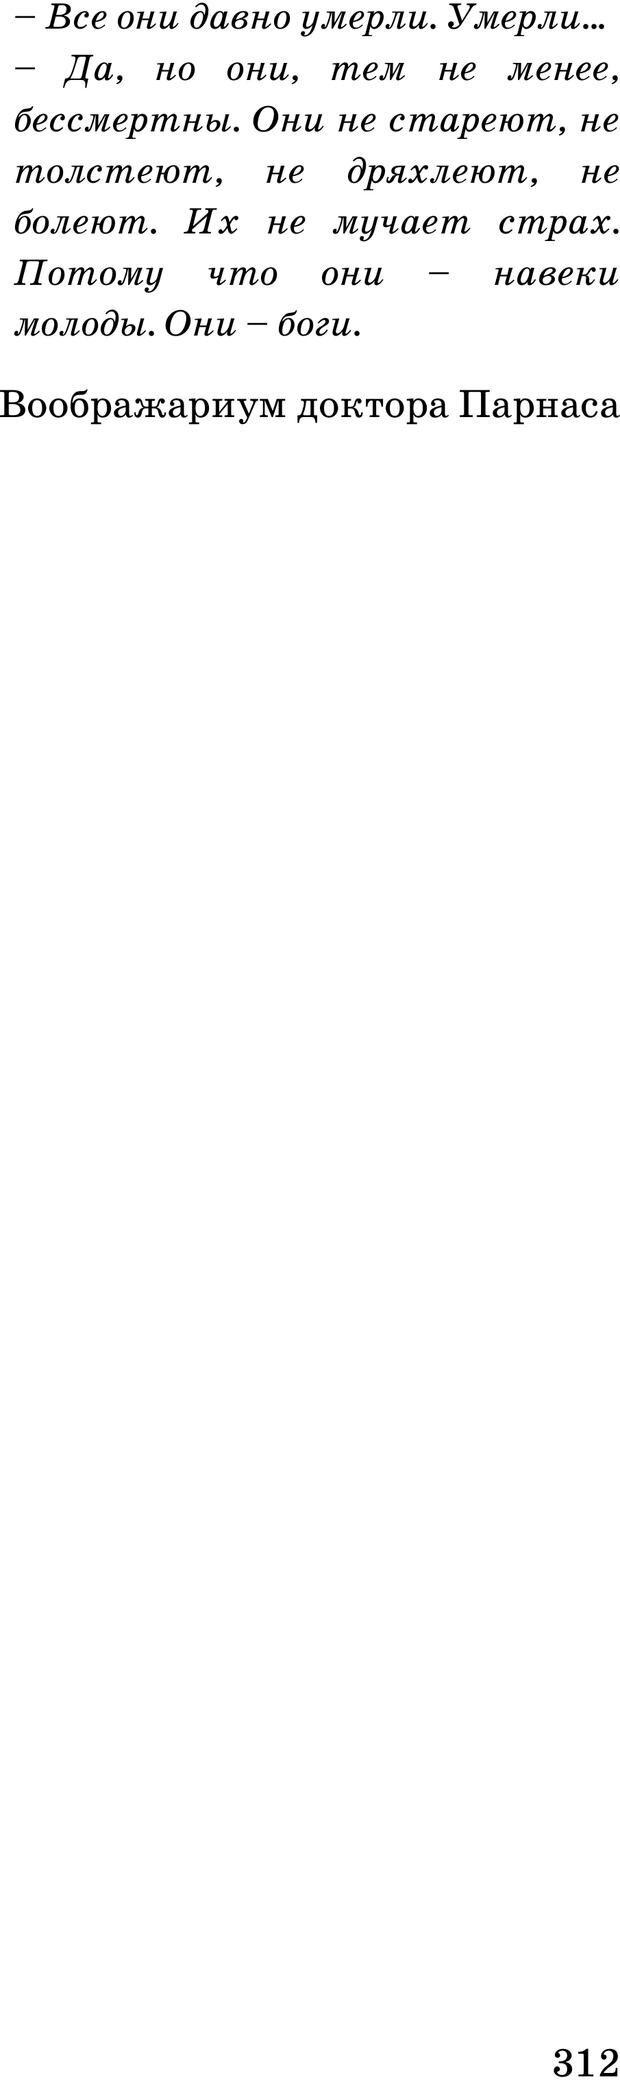 PDF. Русская Модель Эффективного Соблазнения. Мастерский курс. Богачев Ф. О. Страница 306. Читать онлайн